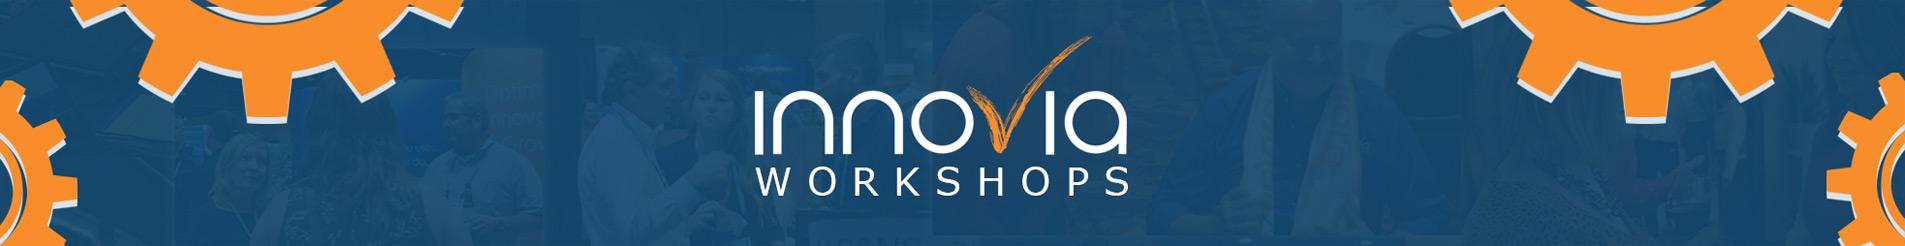 Innovia Workshops